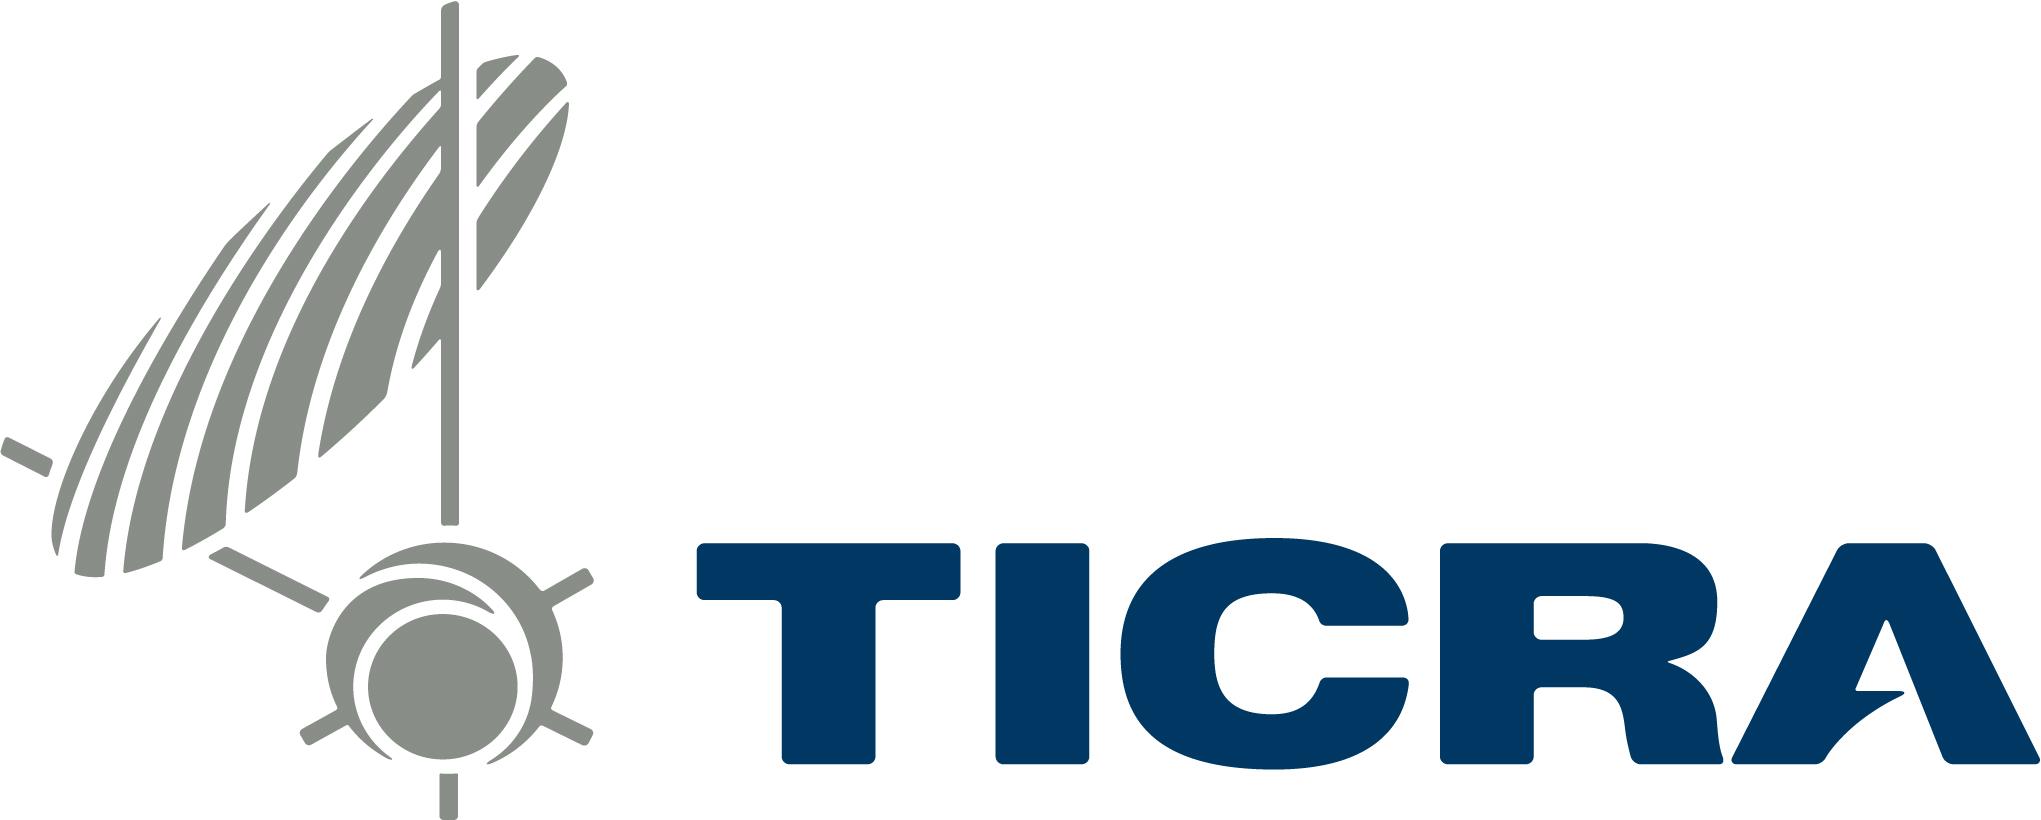 TICRA